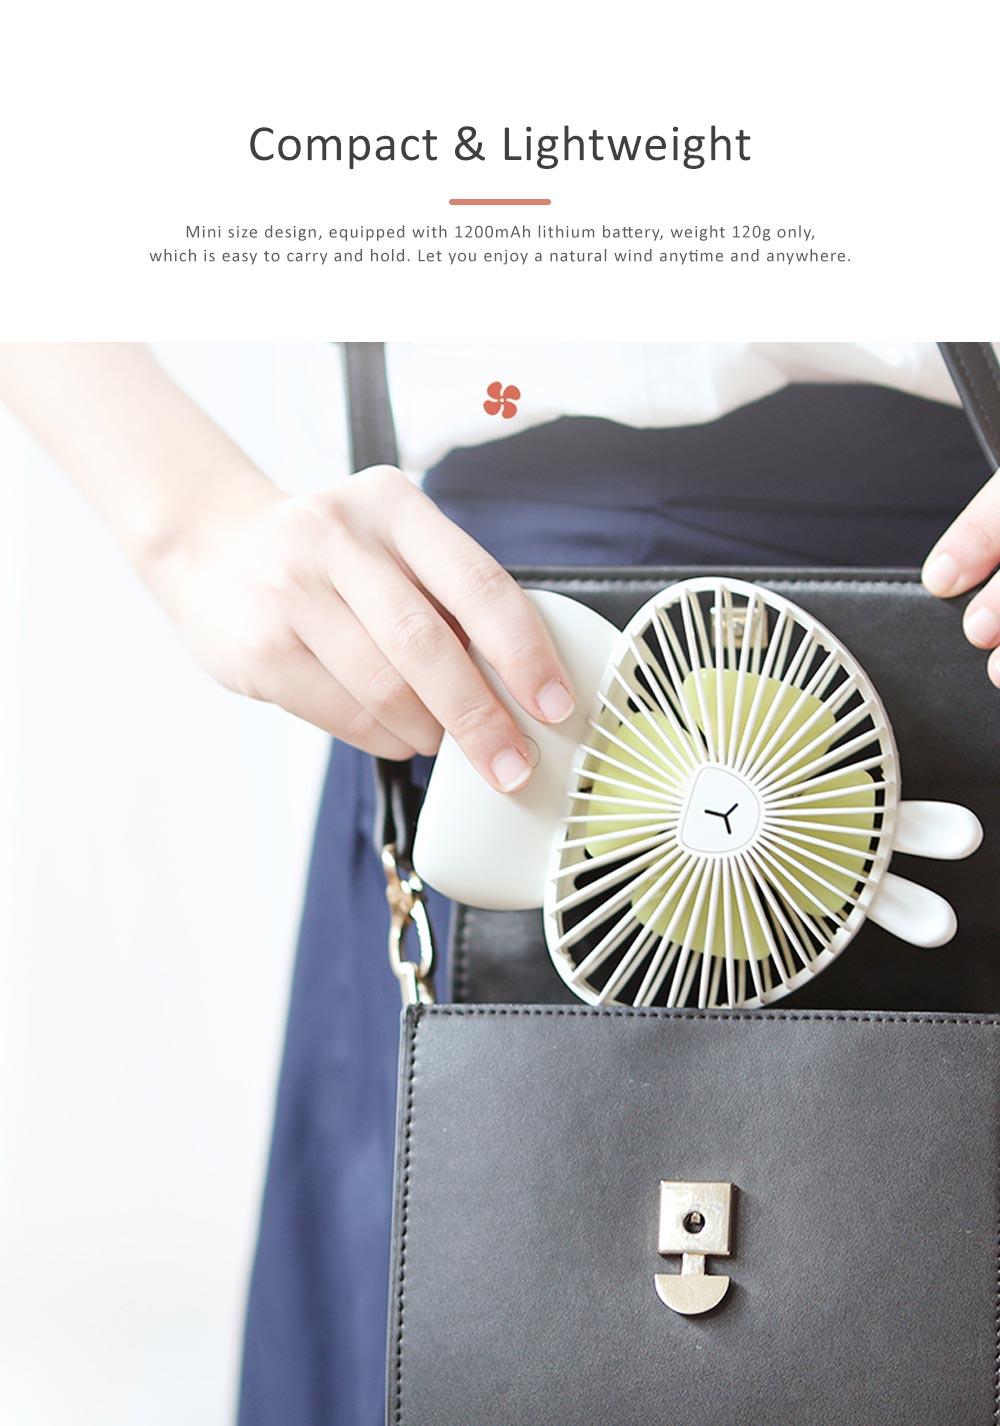 Cute Rechargeable Handheld Fan for Teenager Girls, USB Portable Handheld Mini Noiseless Fan, Desktop Mini Fan 2